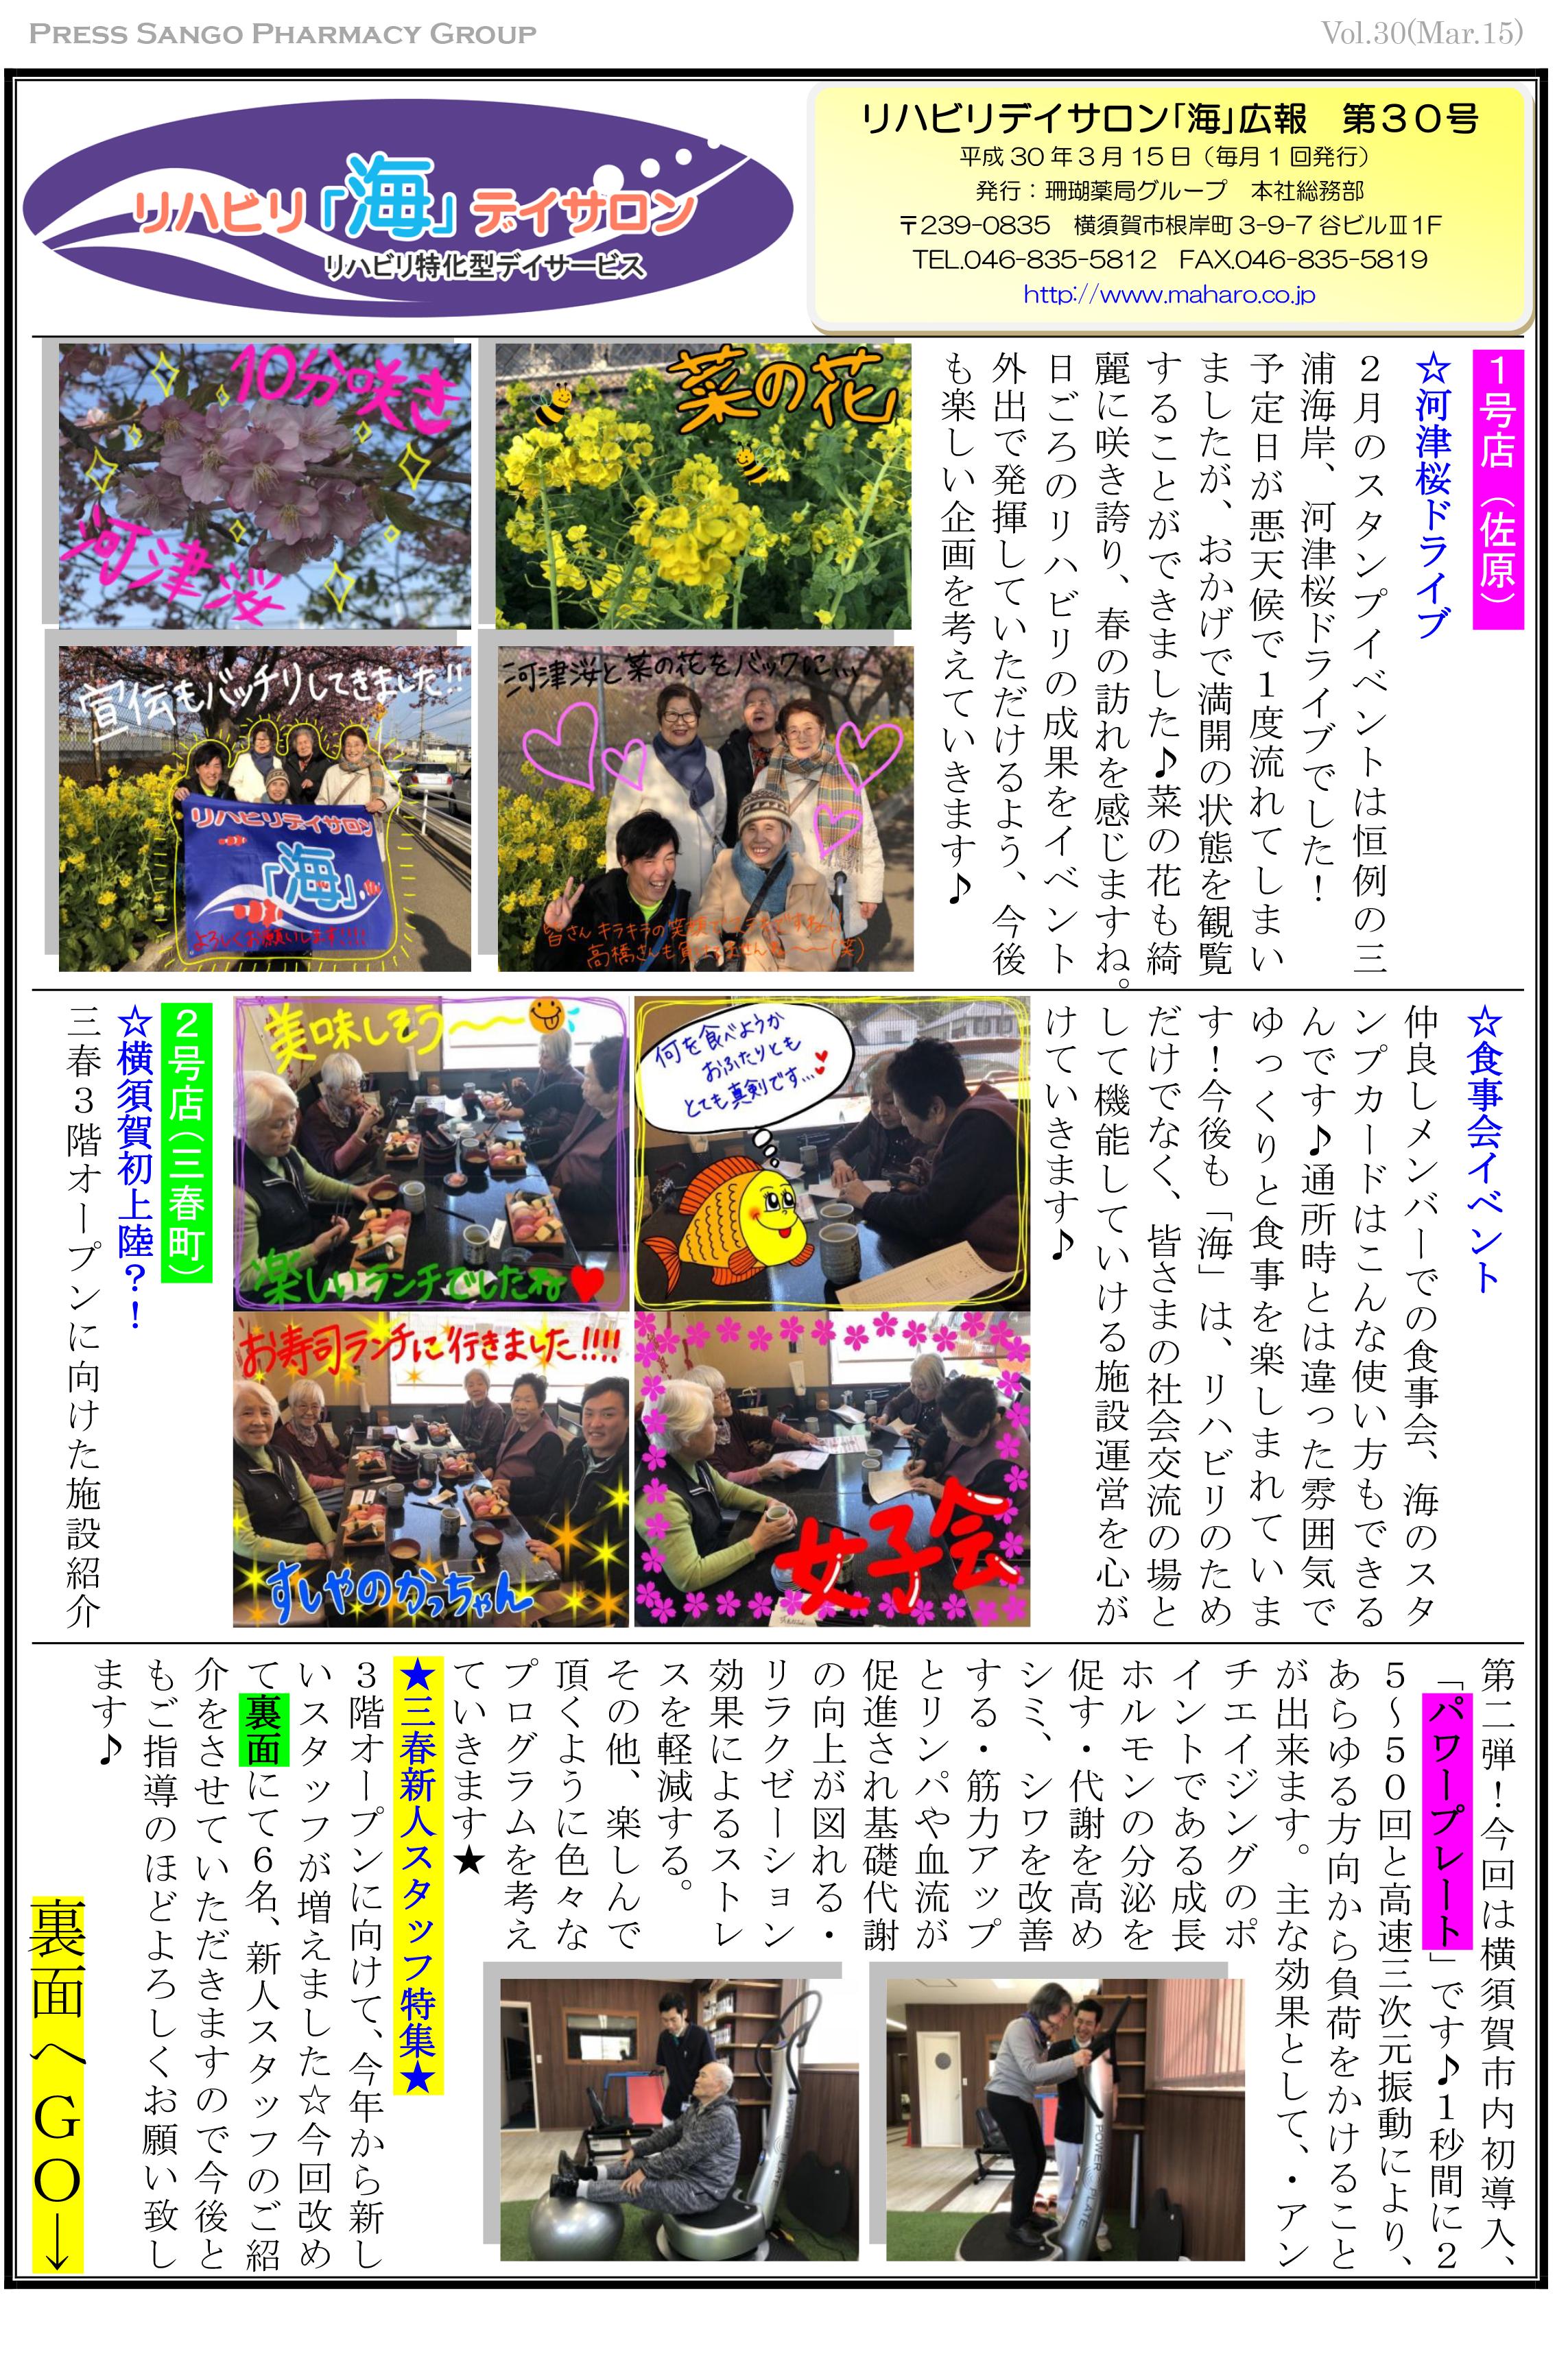 リハビリデイサロン「海」広報誌 第30号